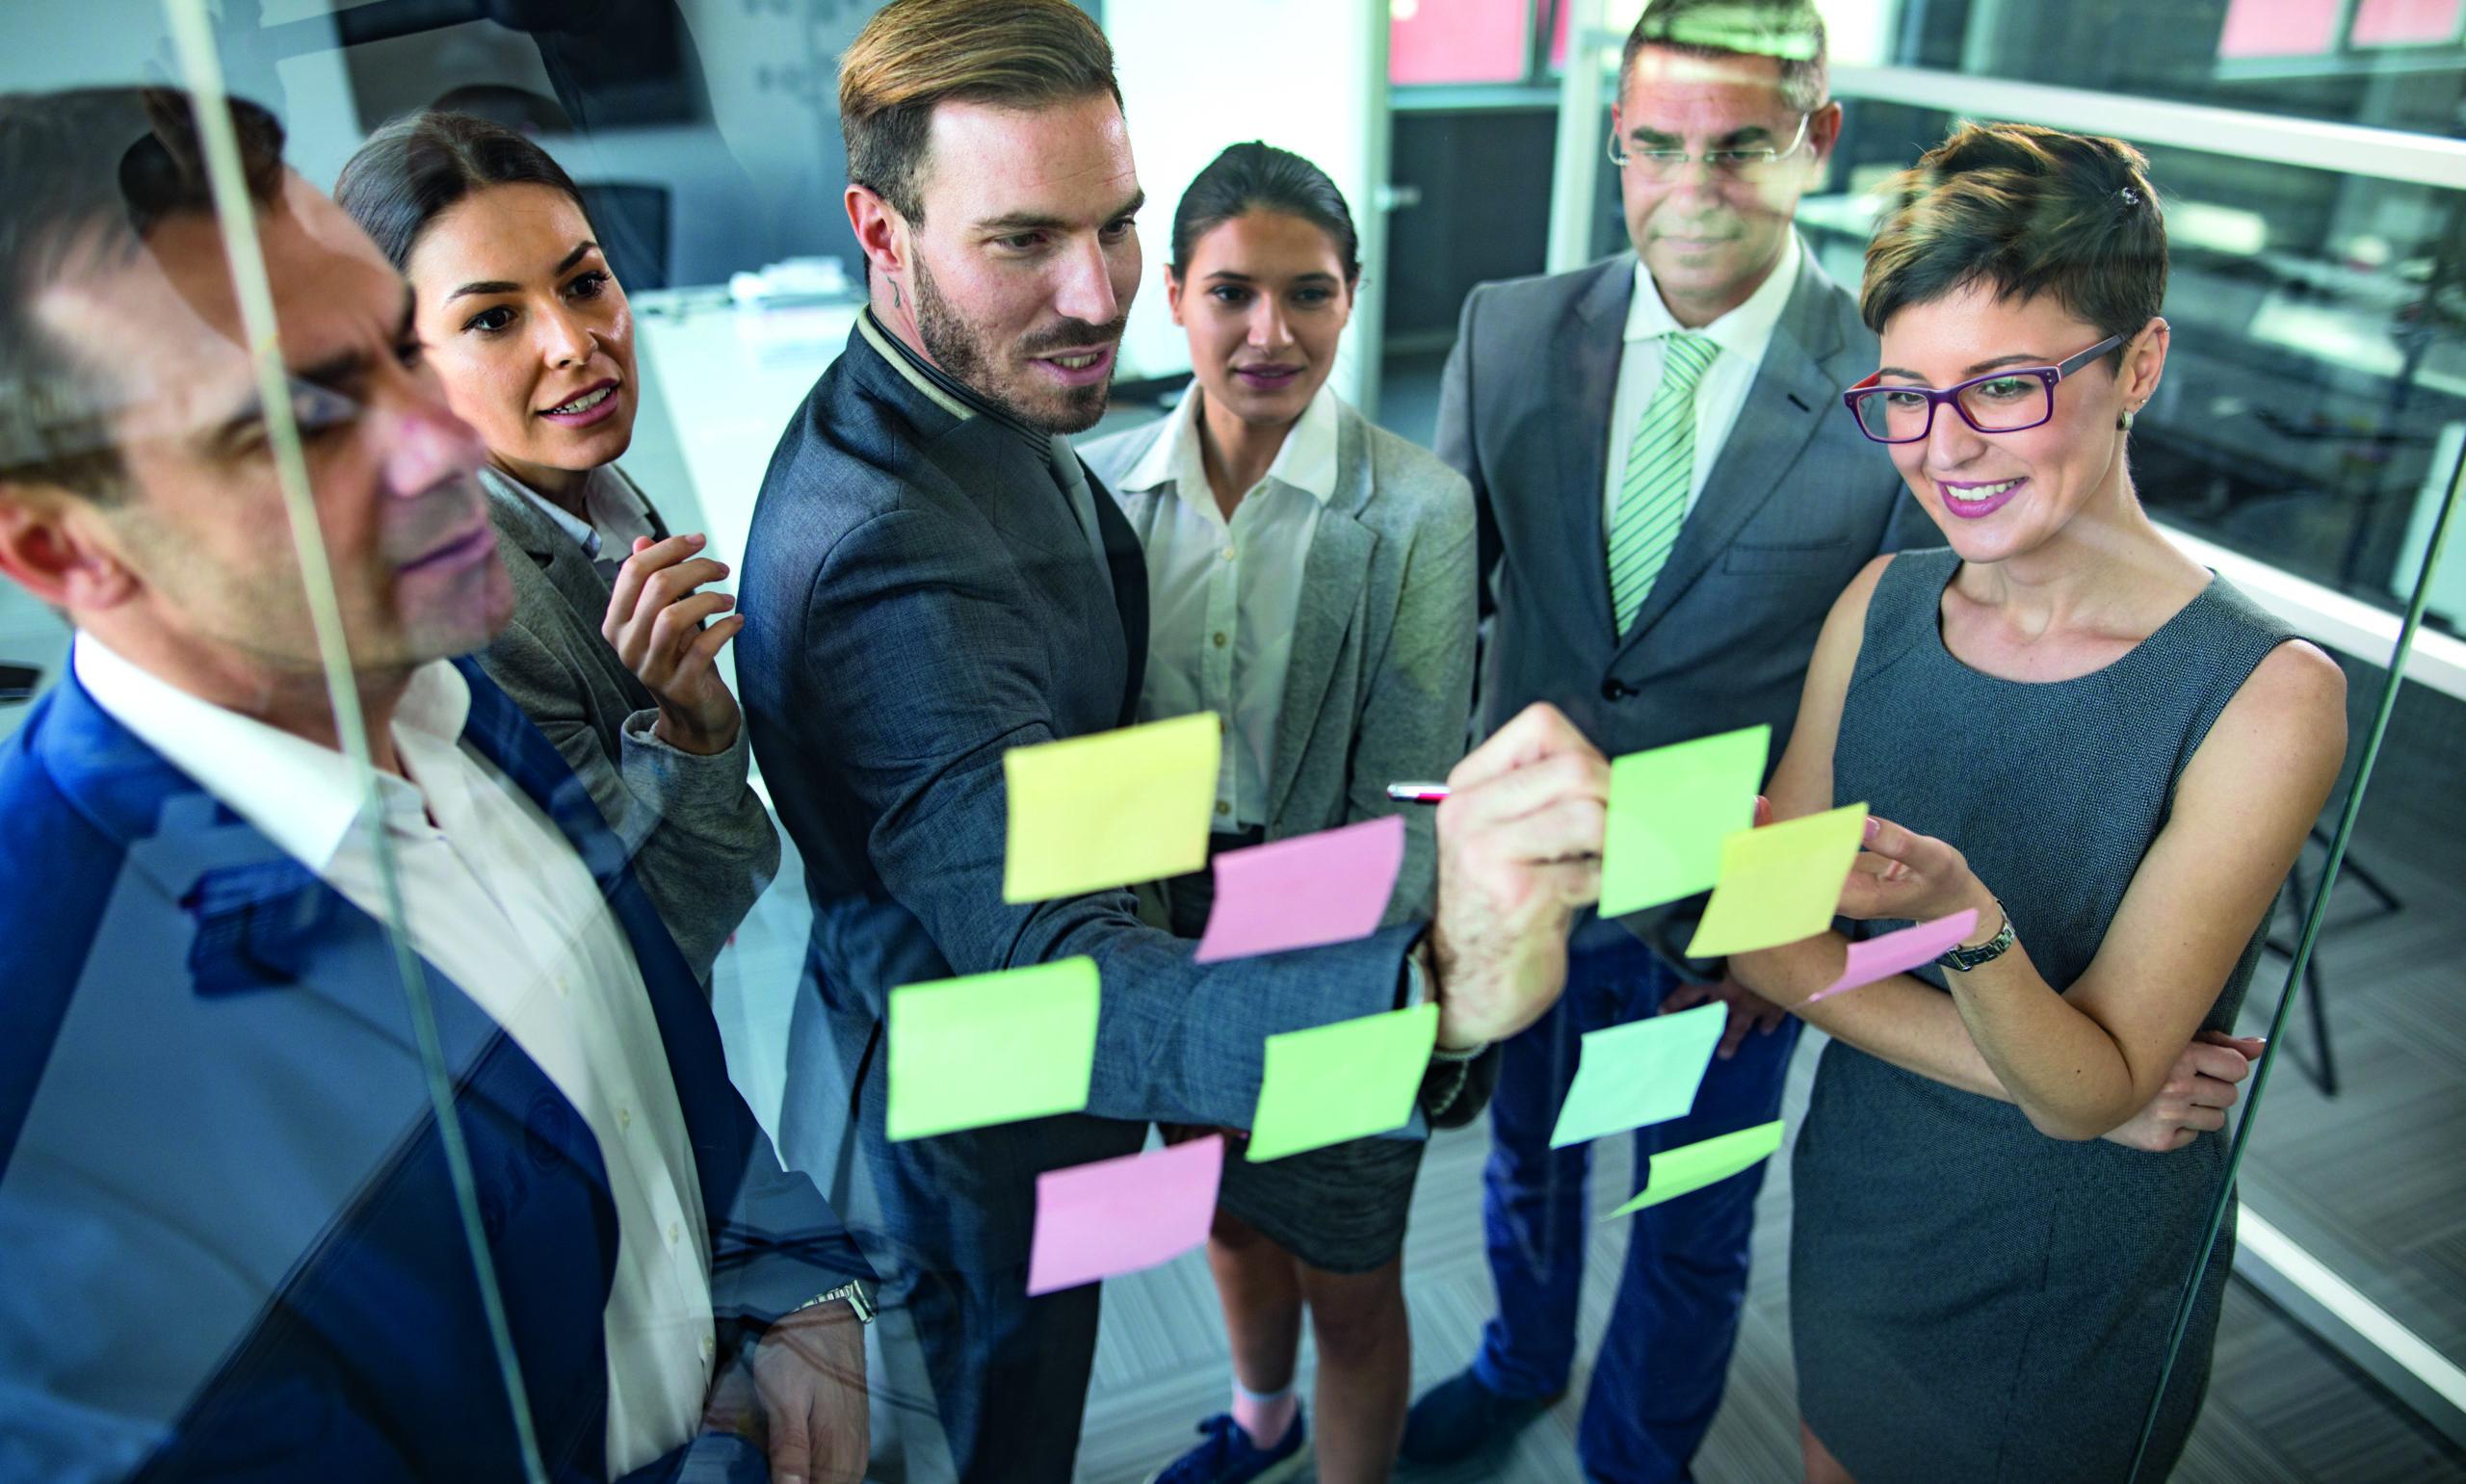 Eine Gruppe von Geschäftsleuten gemischten Alters sitzt im Büro und arbeitet an innovativen Geschäftsideen.